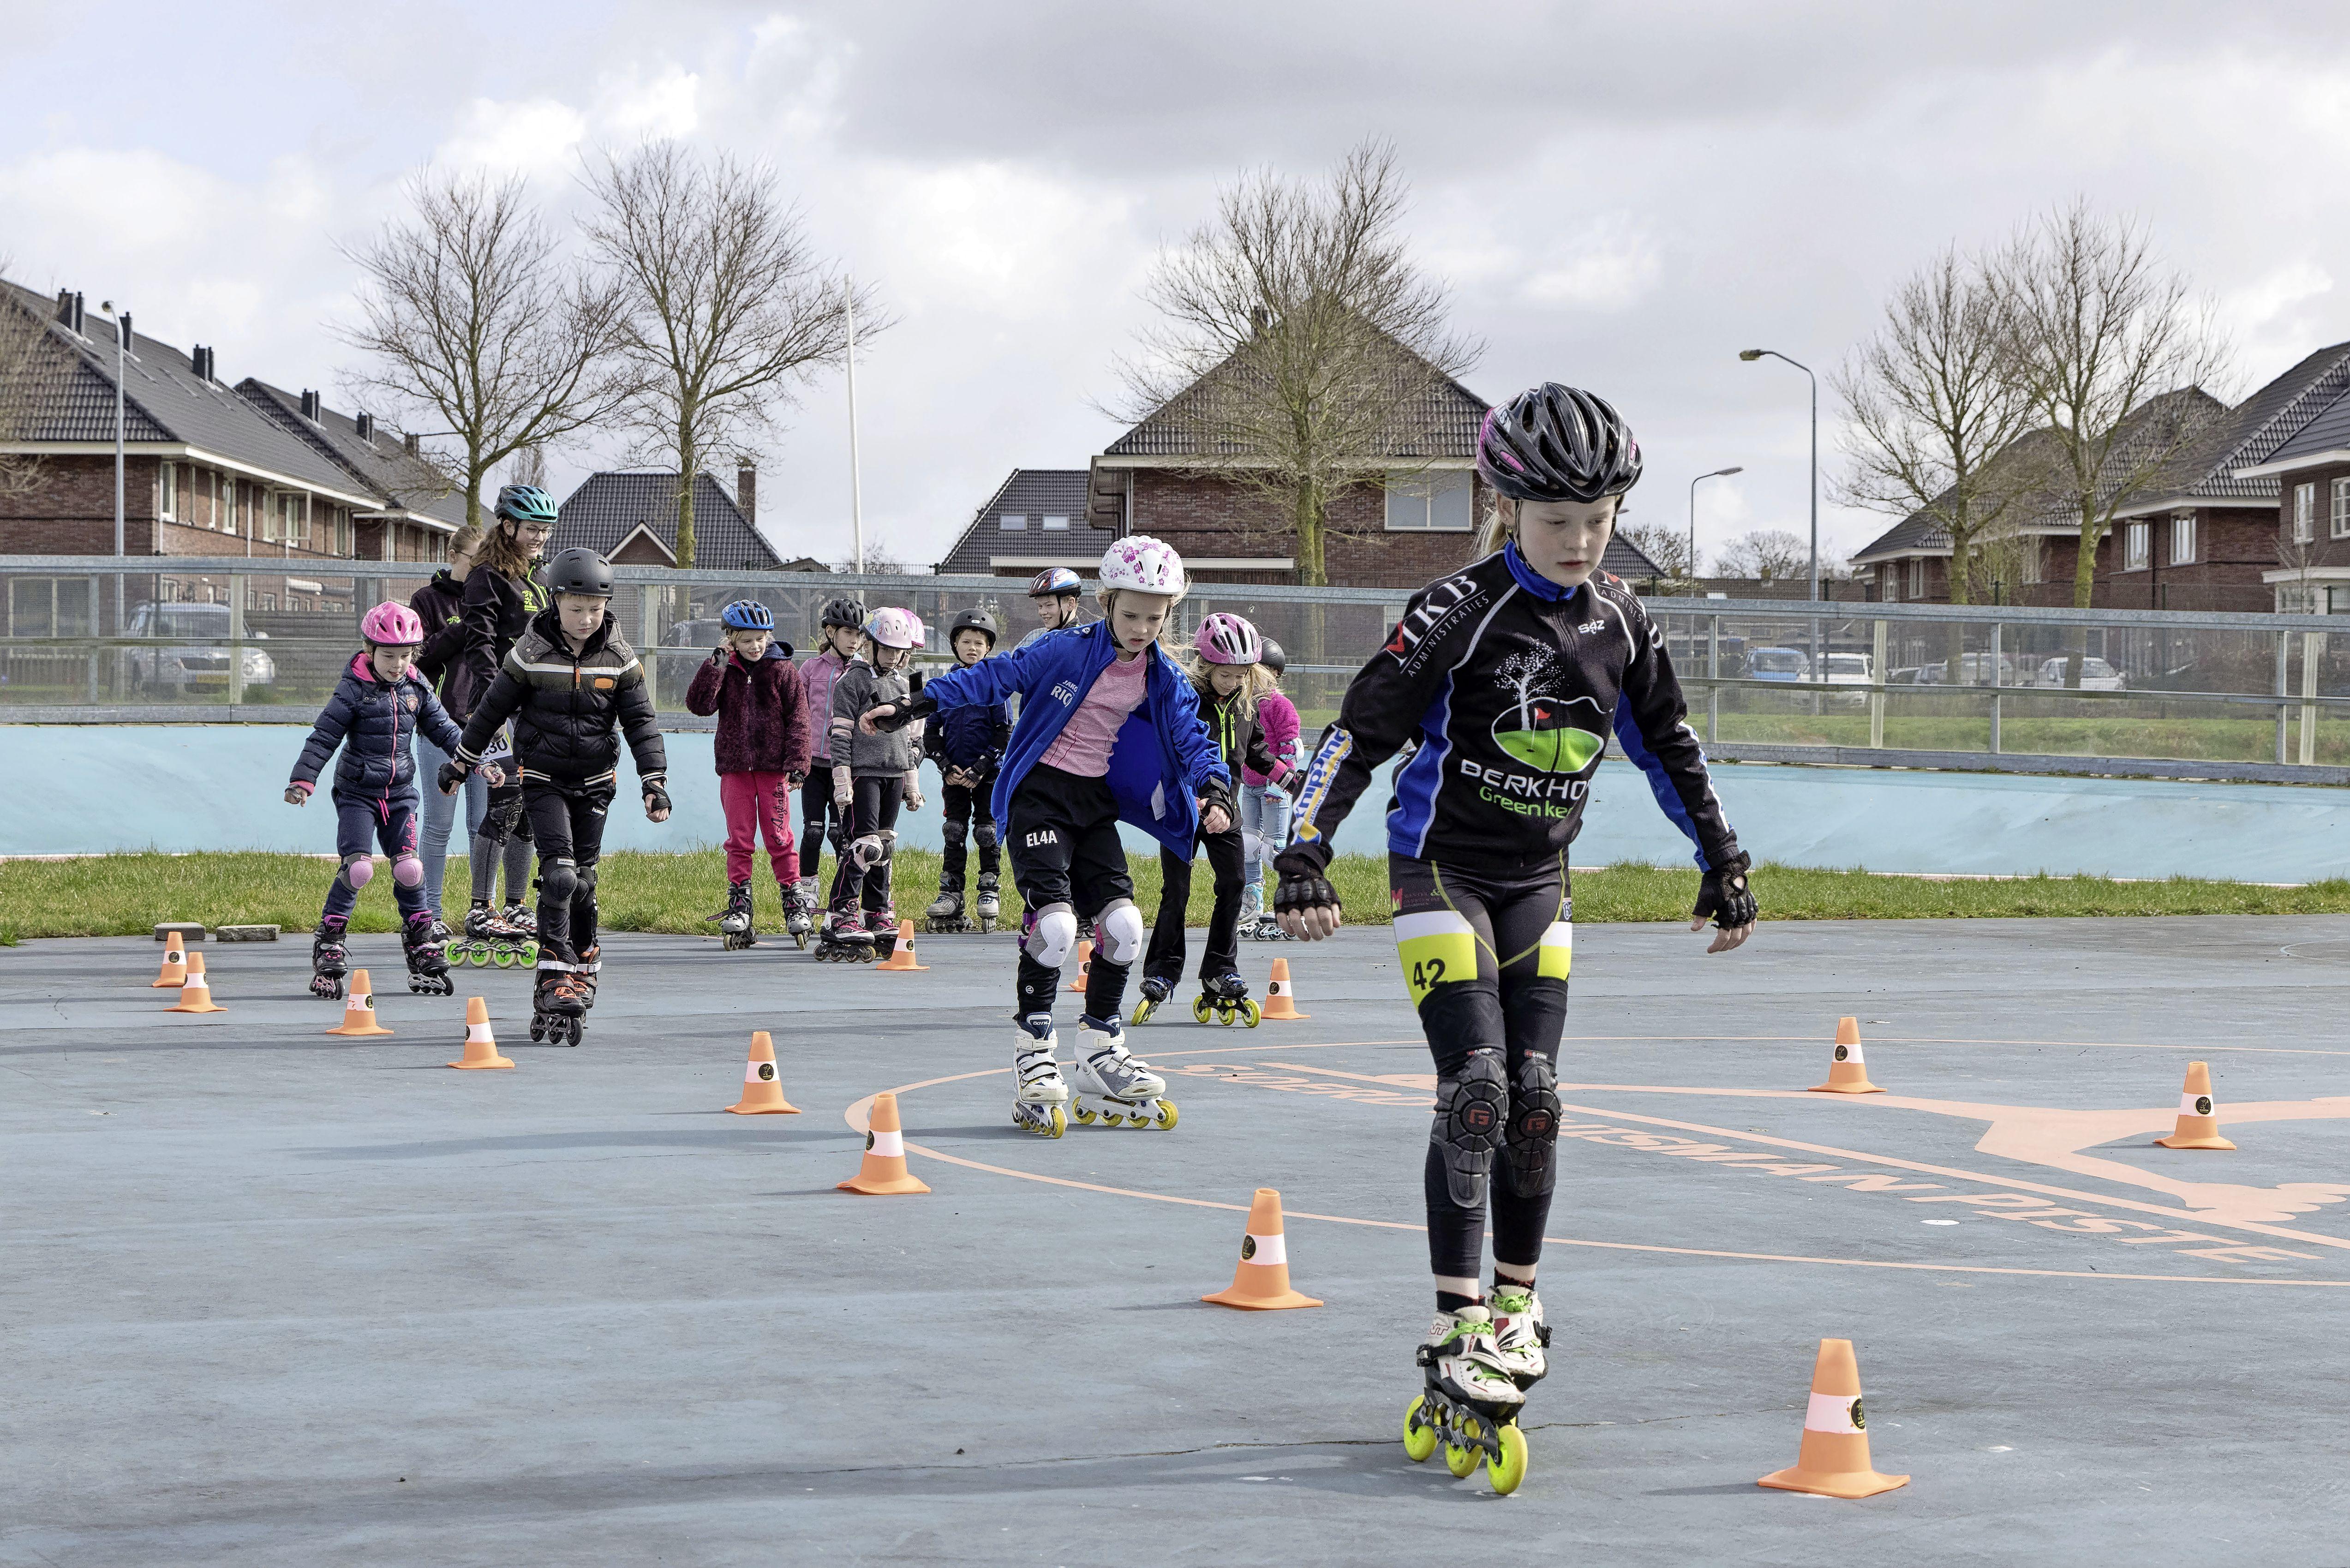 Skeeleren is hot. Radboud Inline Skating brengt jeugd de fijne kneepjes bij. Remmen, vallen, behendig worden. 'En altijd een helm op hè, dat is zo belangrijk' [video]